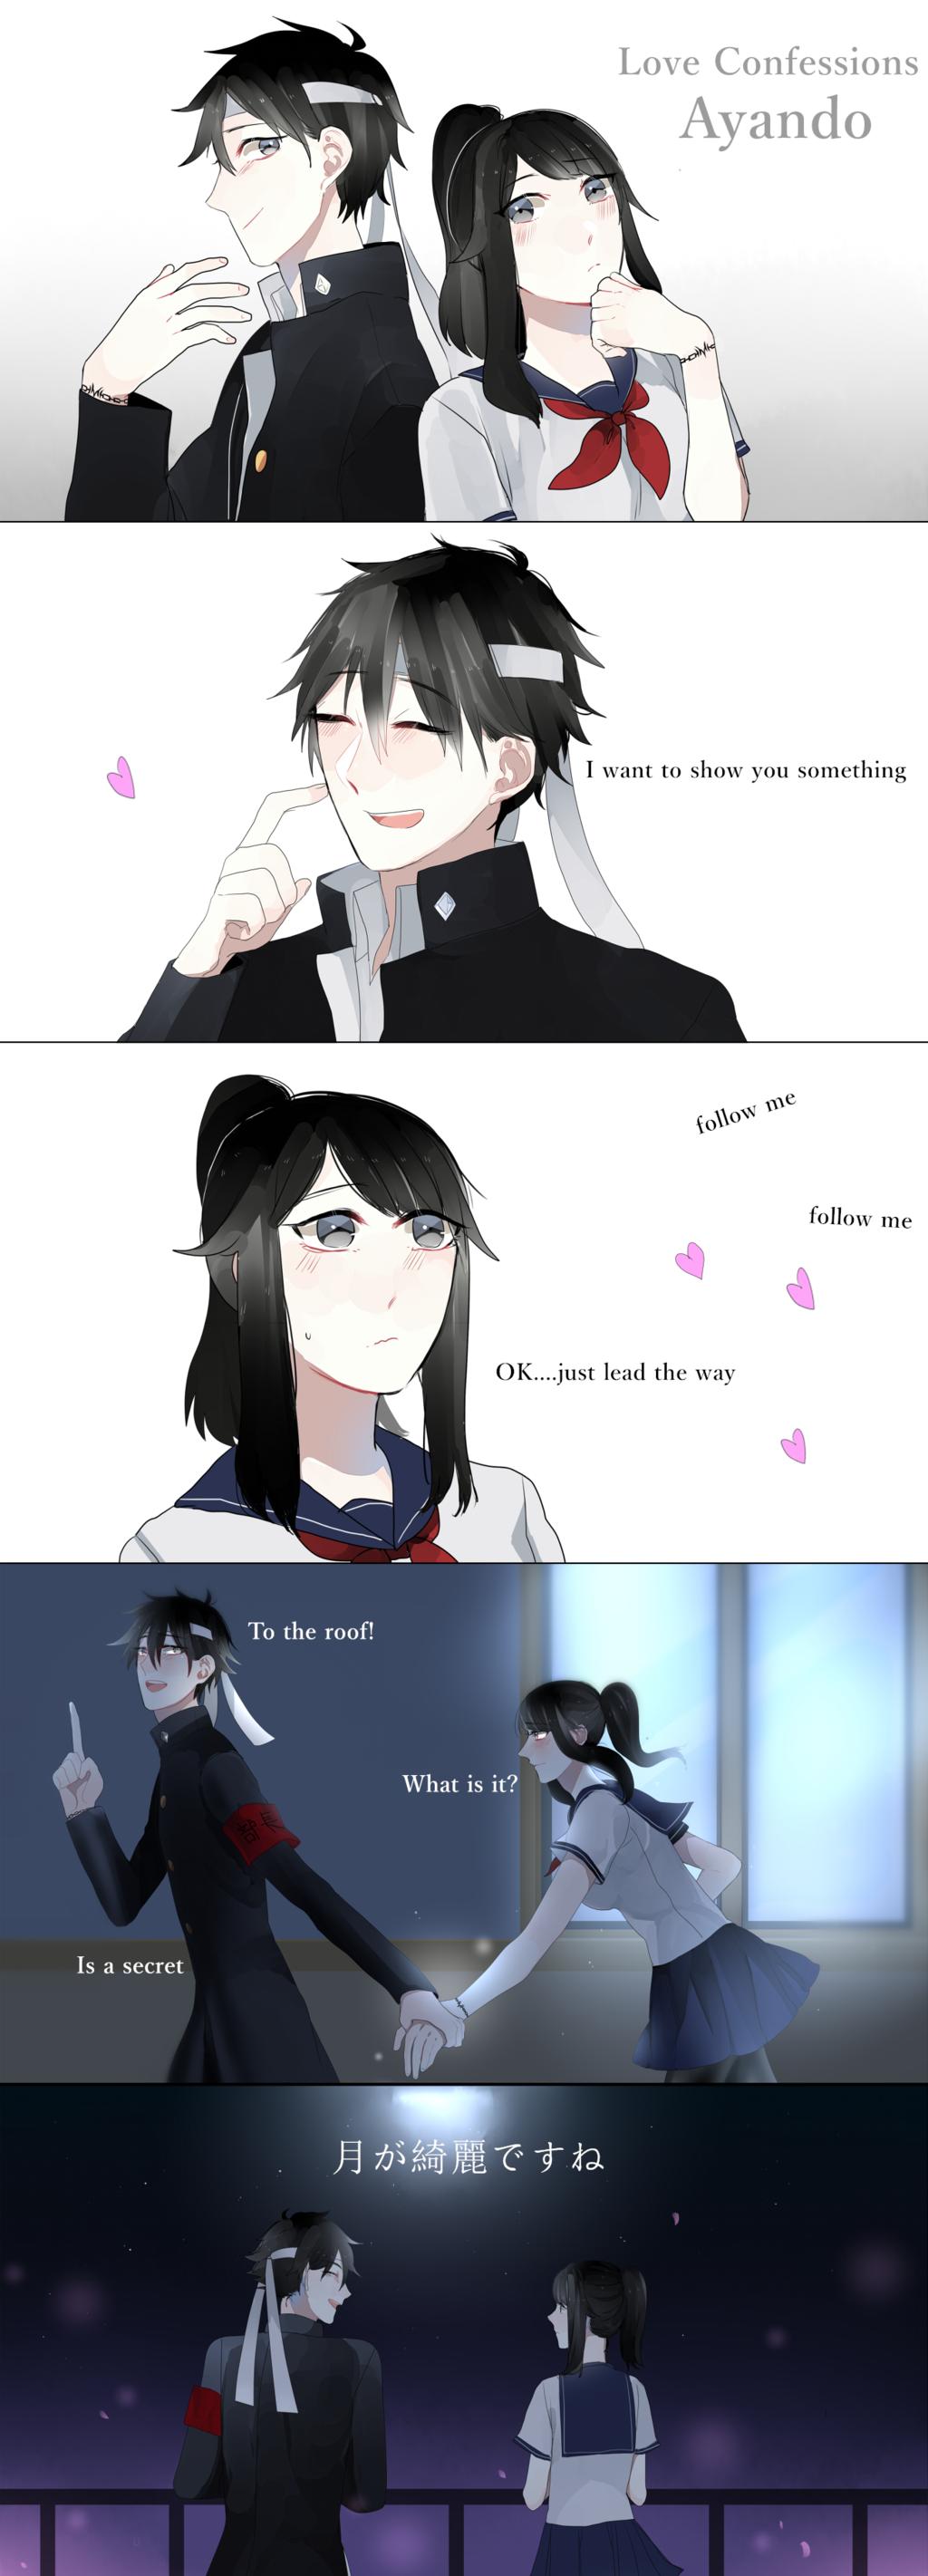 Love Confessions By Koumi04 Yandere Simulator Memes Yandere Simulator Yandere Manga